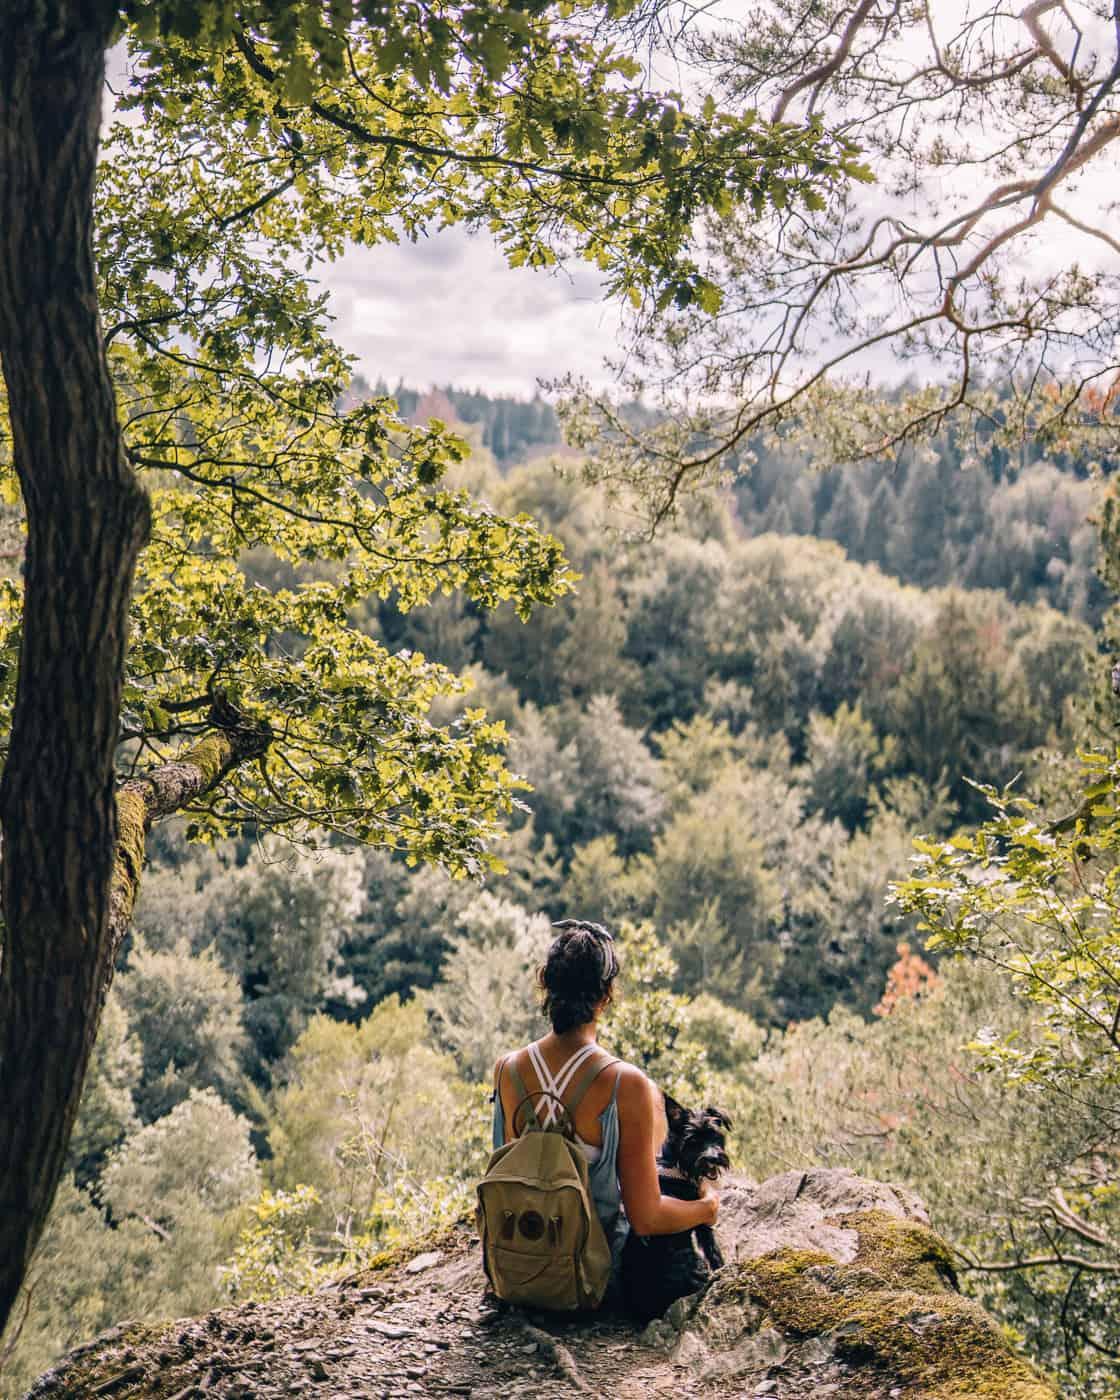 Baybachklamm Traumschleife Wanderung - Vom Buchbachtal durch den mediterranen Eichenwald nach Heyweiler